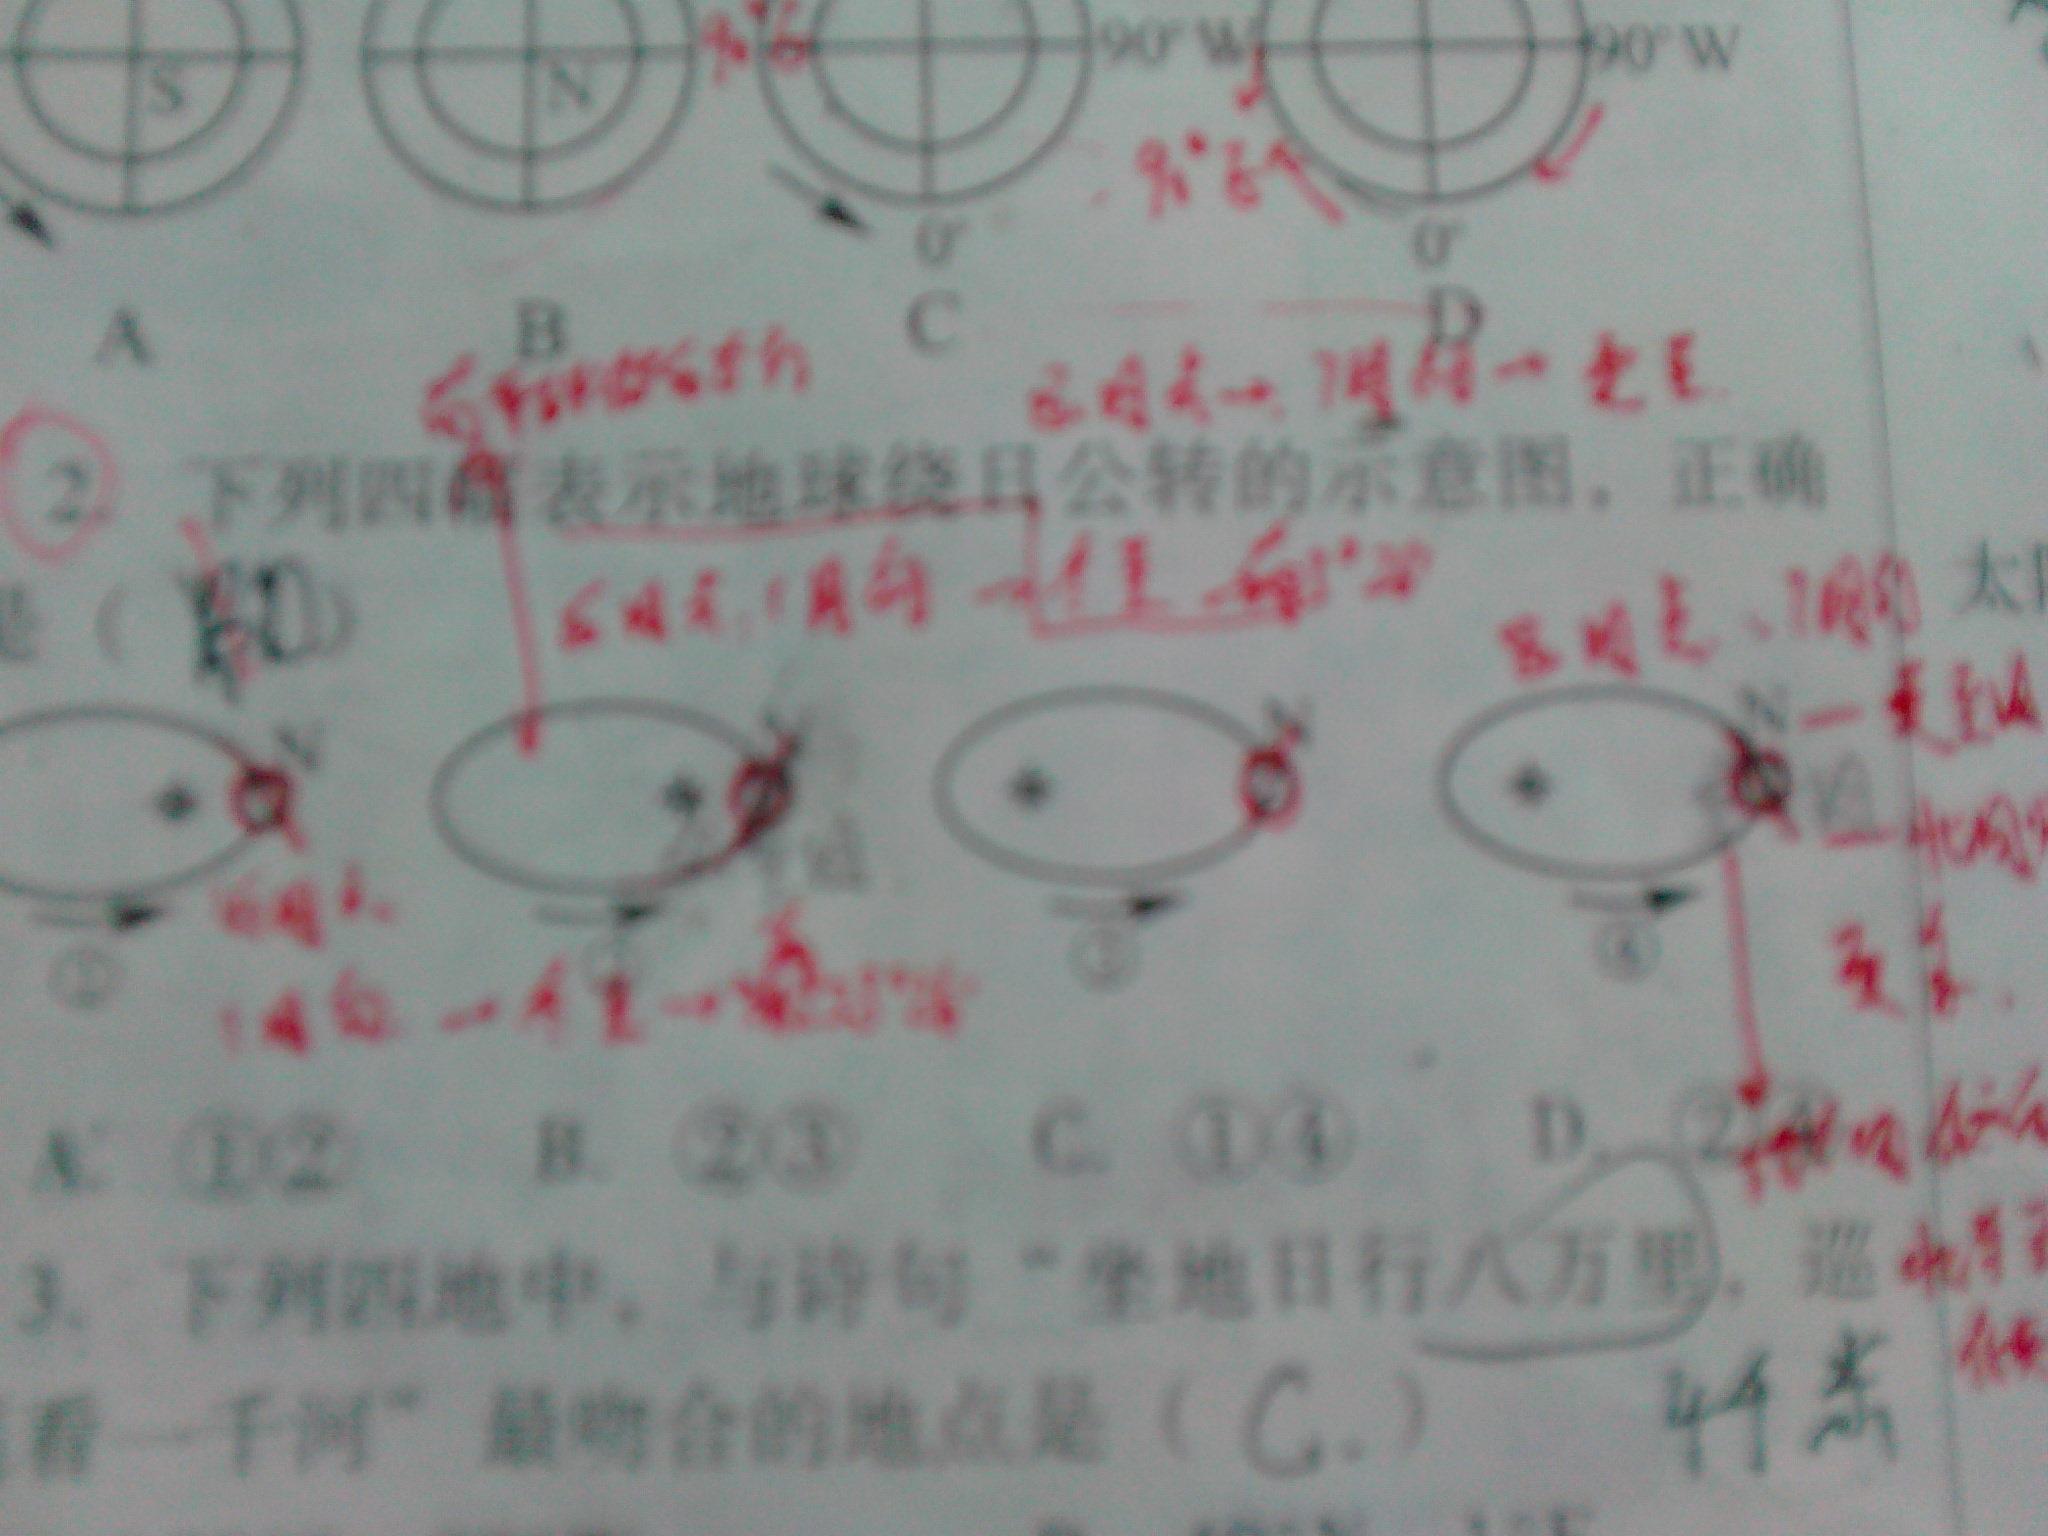 下列四幅图表示地球绕日公转的示意图高清图片